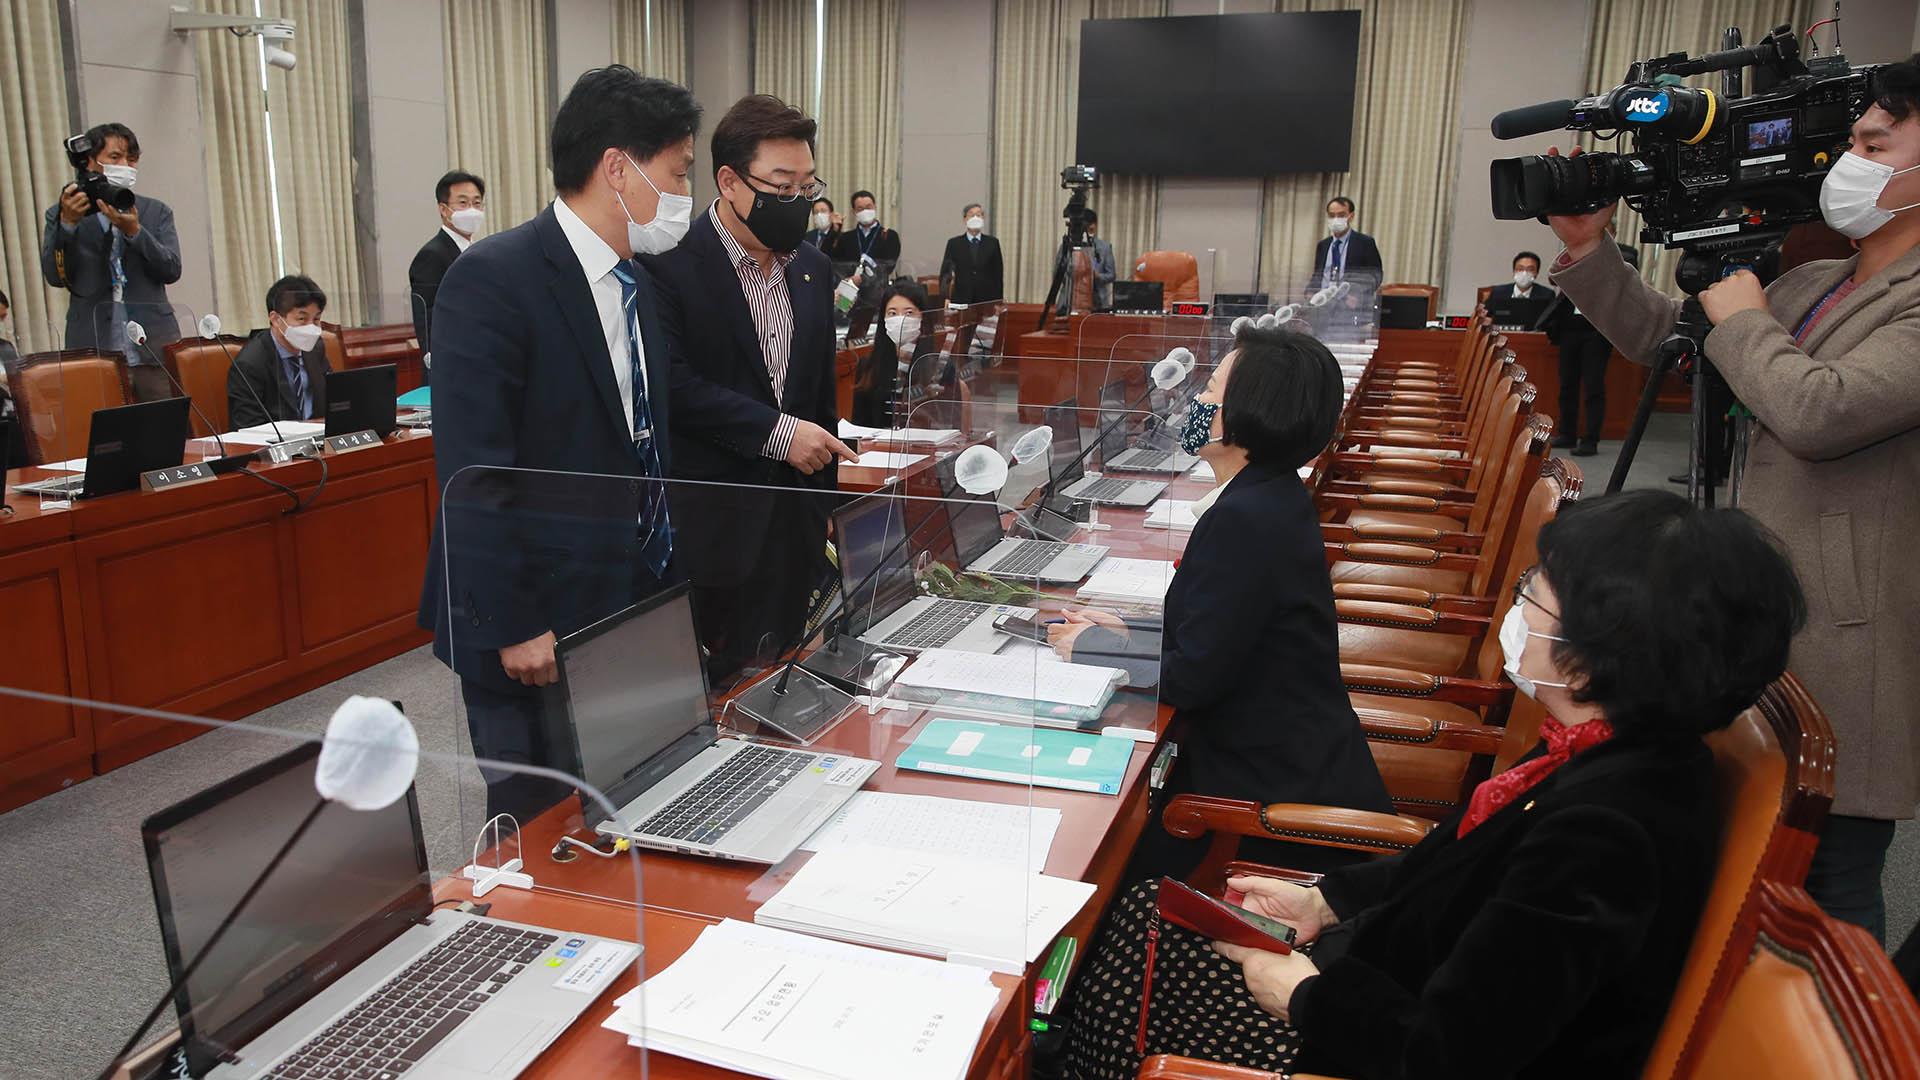 靑 참모진 불출석에 野 강력 반발…운영위 국감 연기